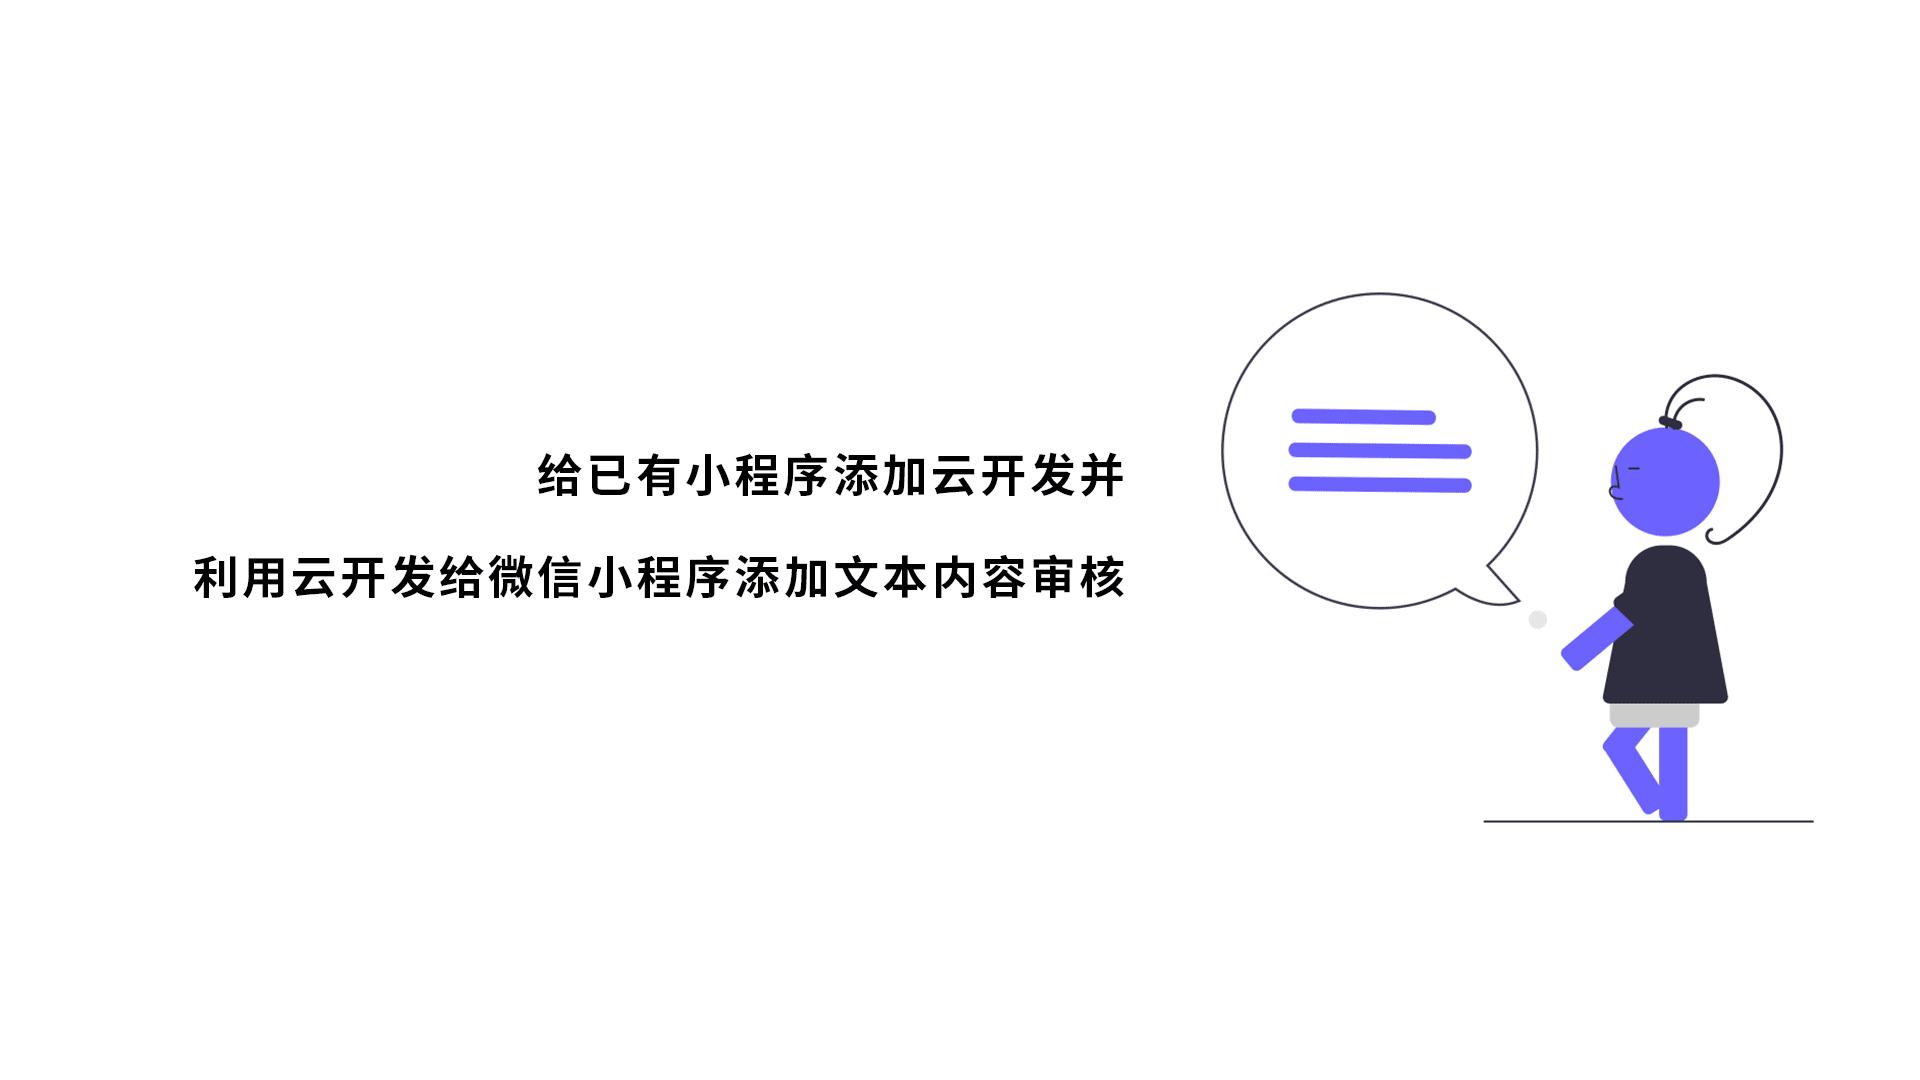 利用云开发给微信小程序添加文本内容审核